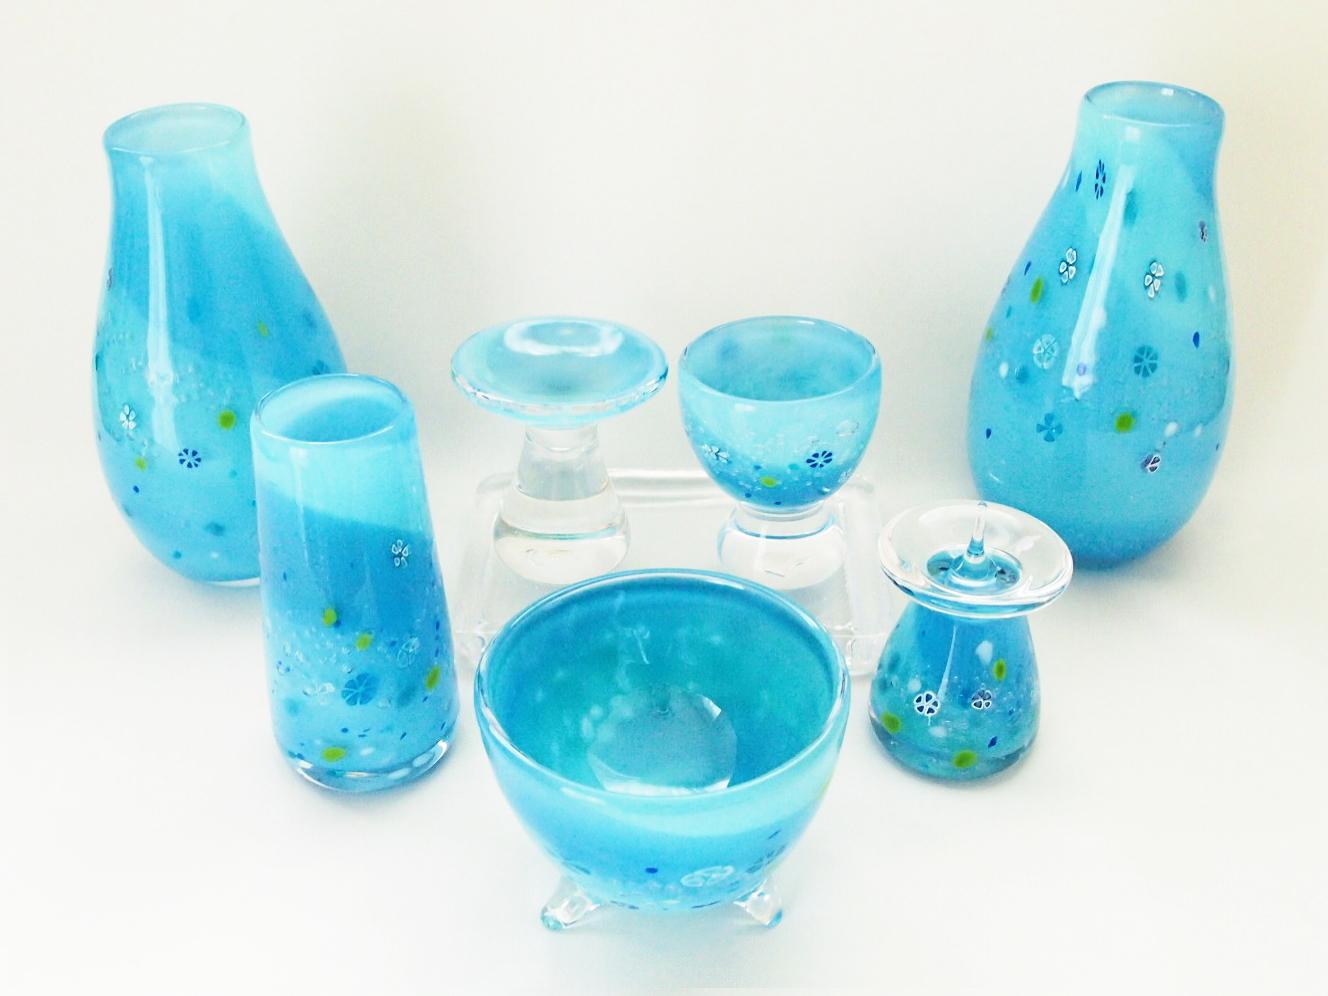 赤ちゃんの仏具 子供の仏具 かわいい仏具 水色仏具 男の子 水子供養 小物 通販